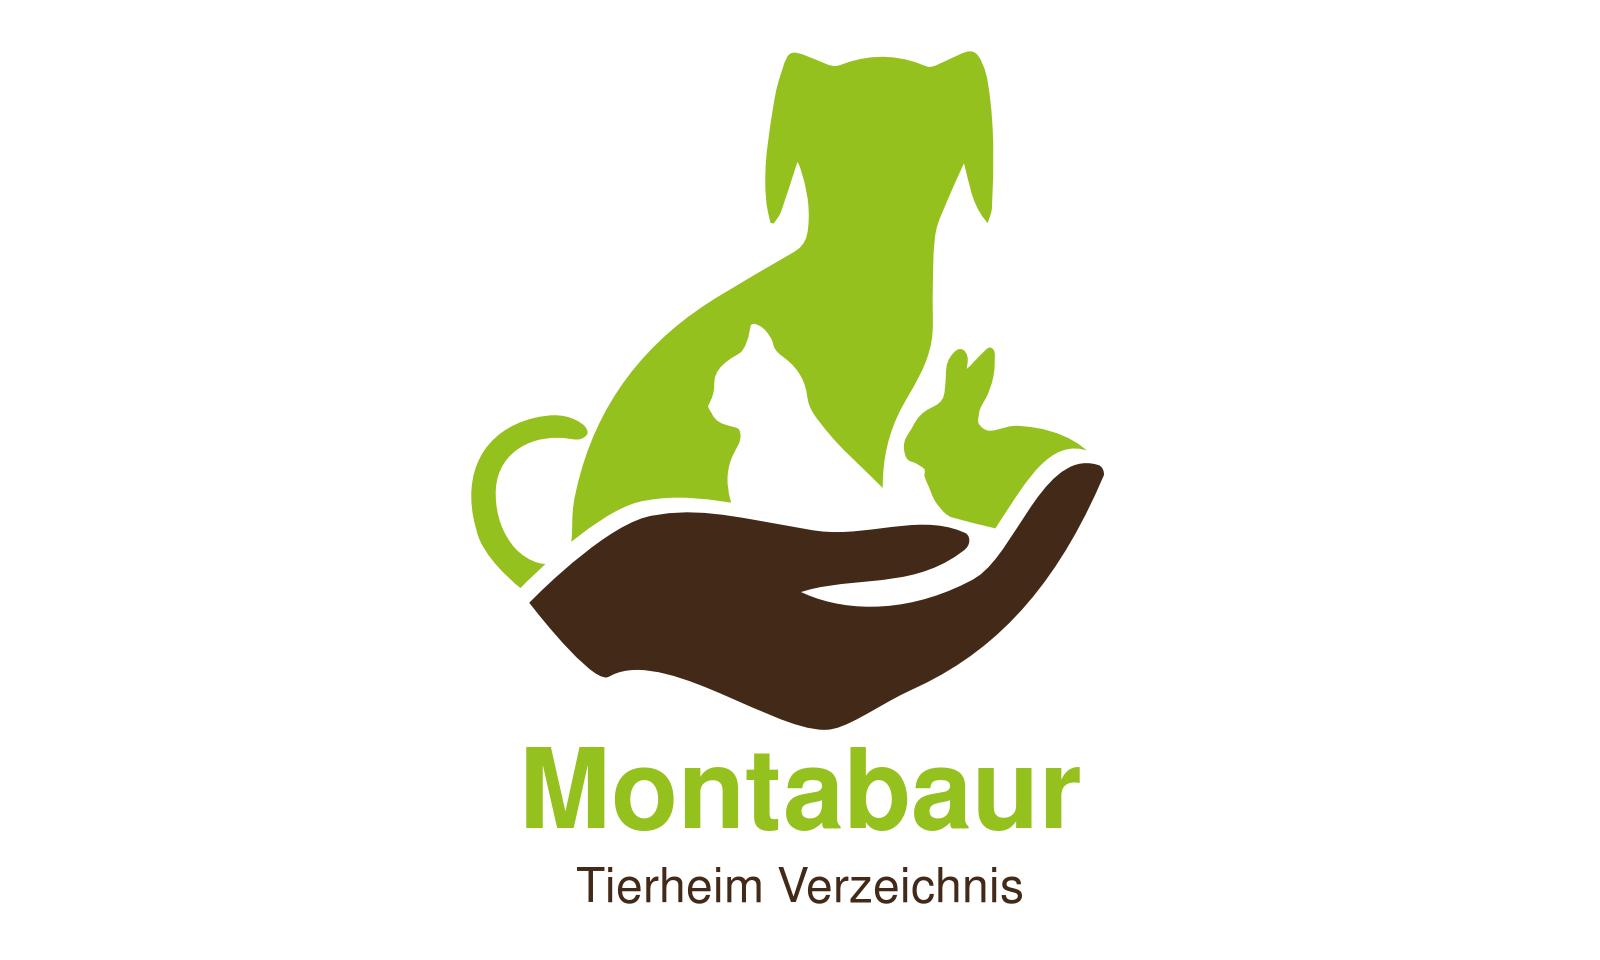 Tierheim Montabaur